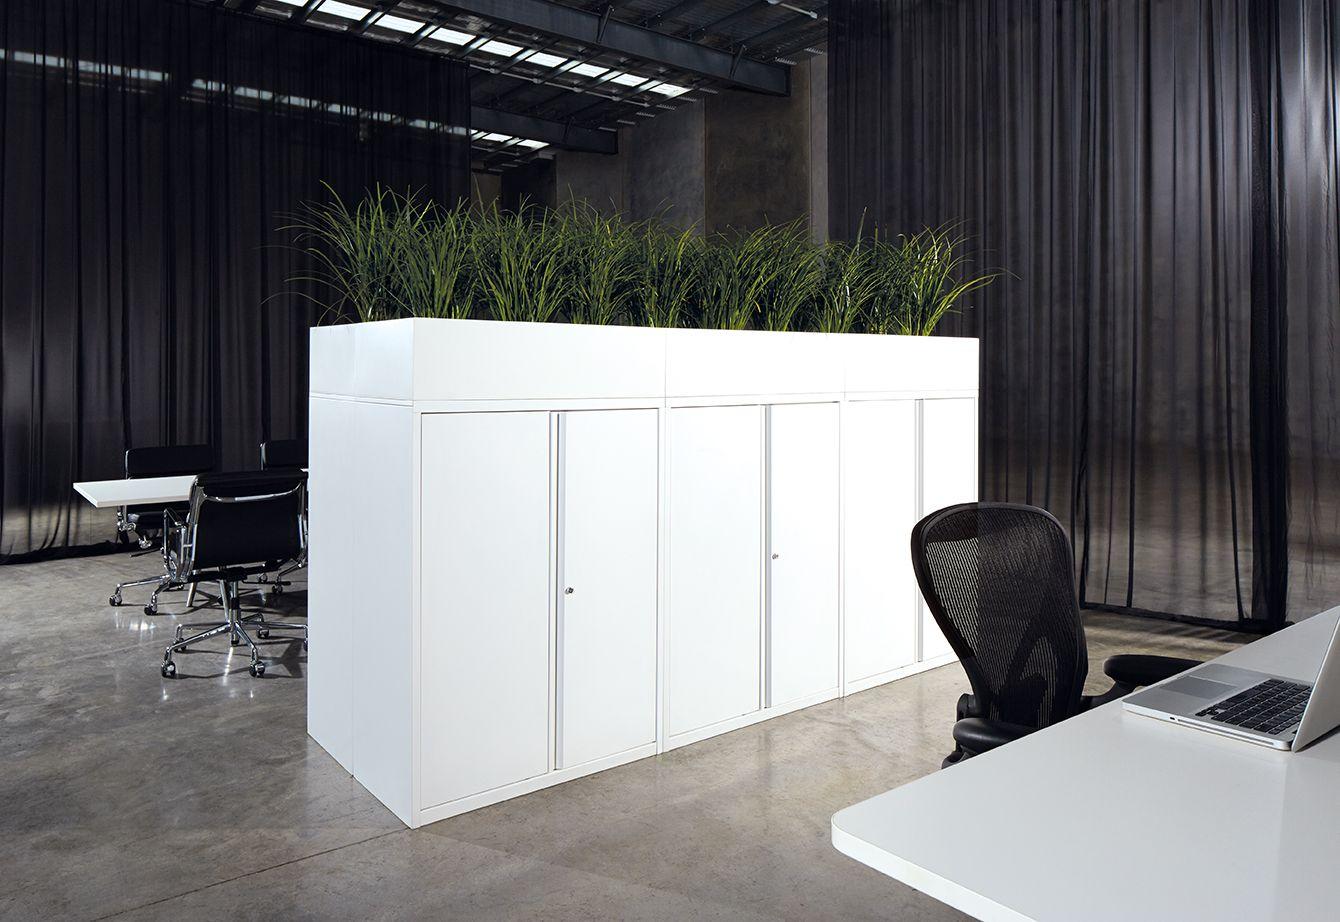 Strata 2 Swing Door Storage, Home improvement